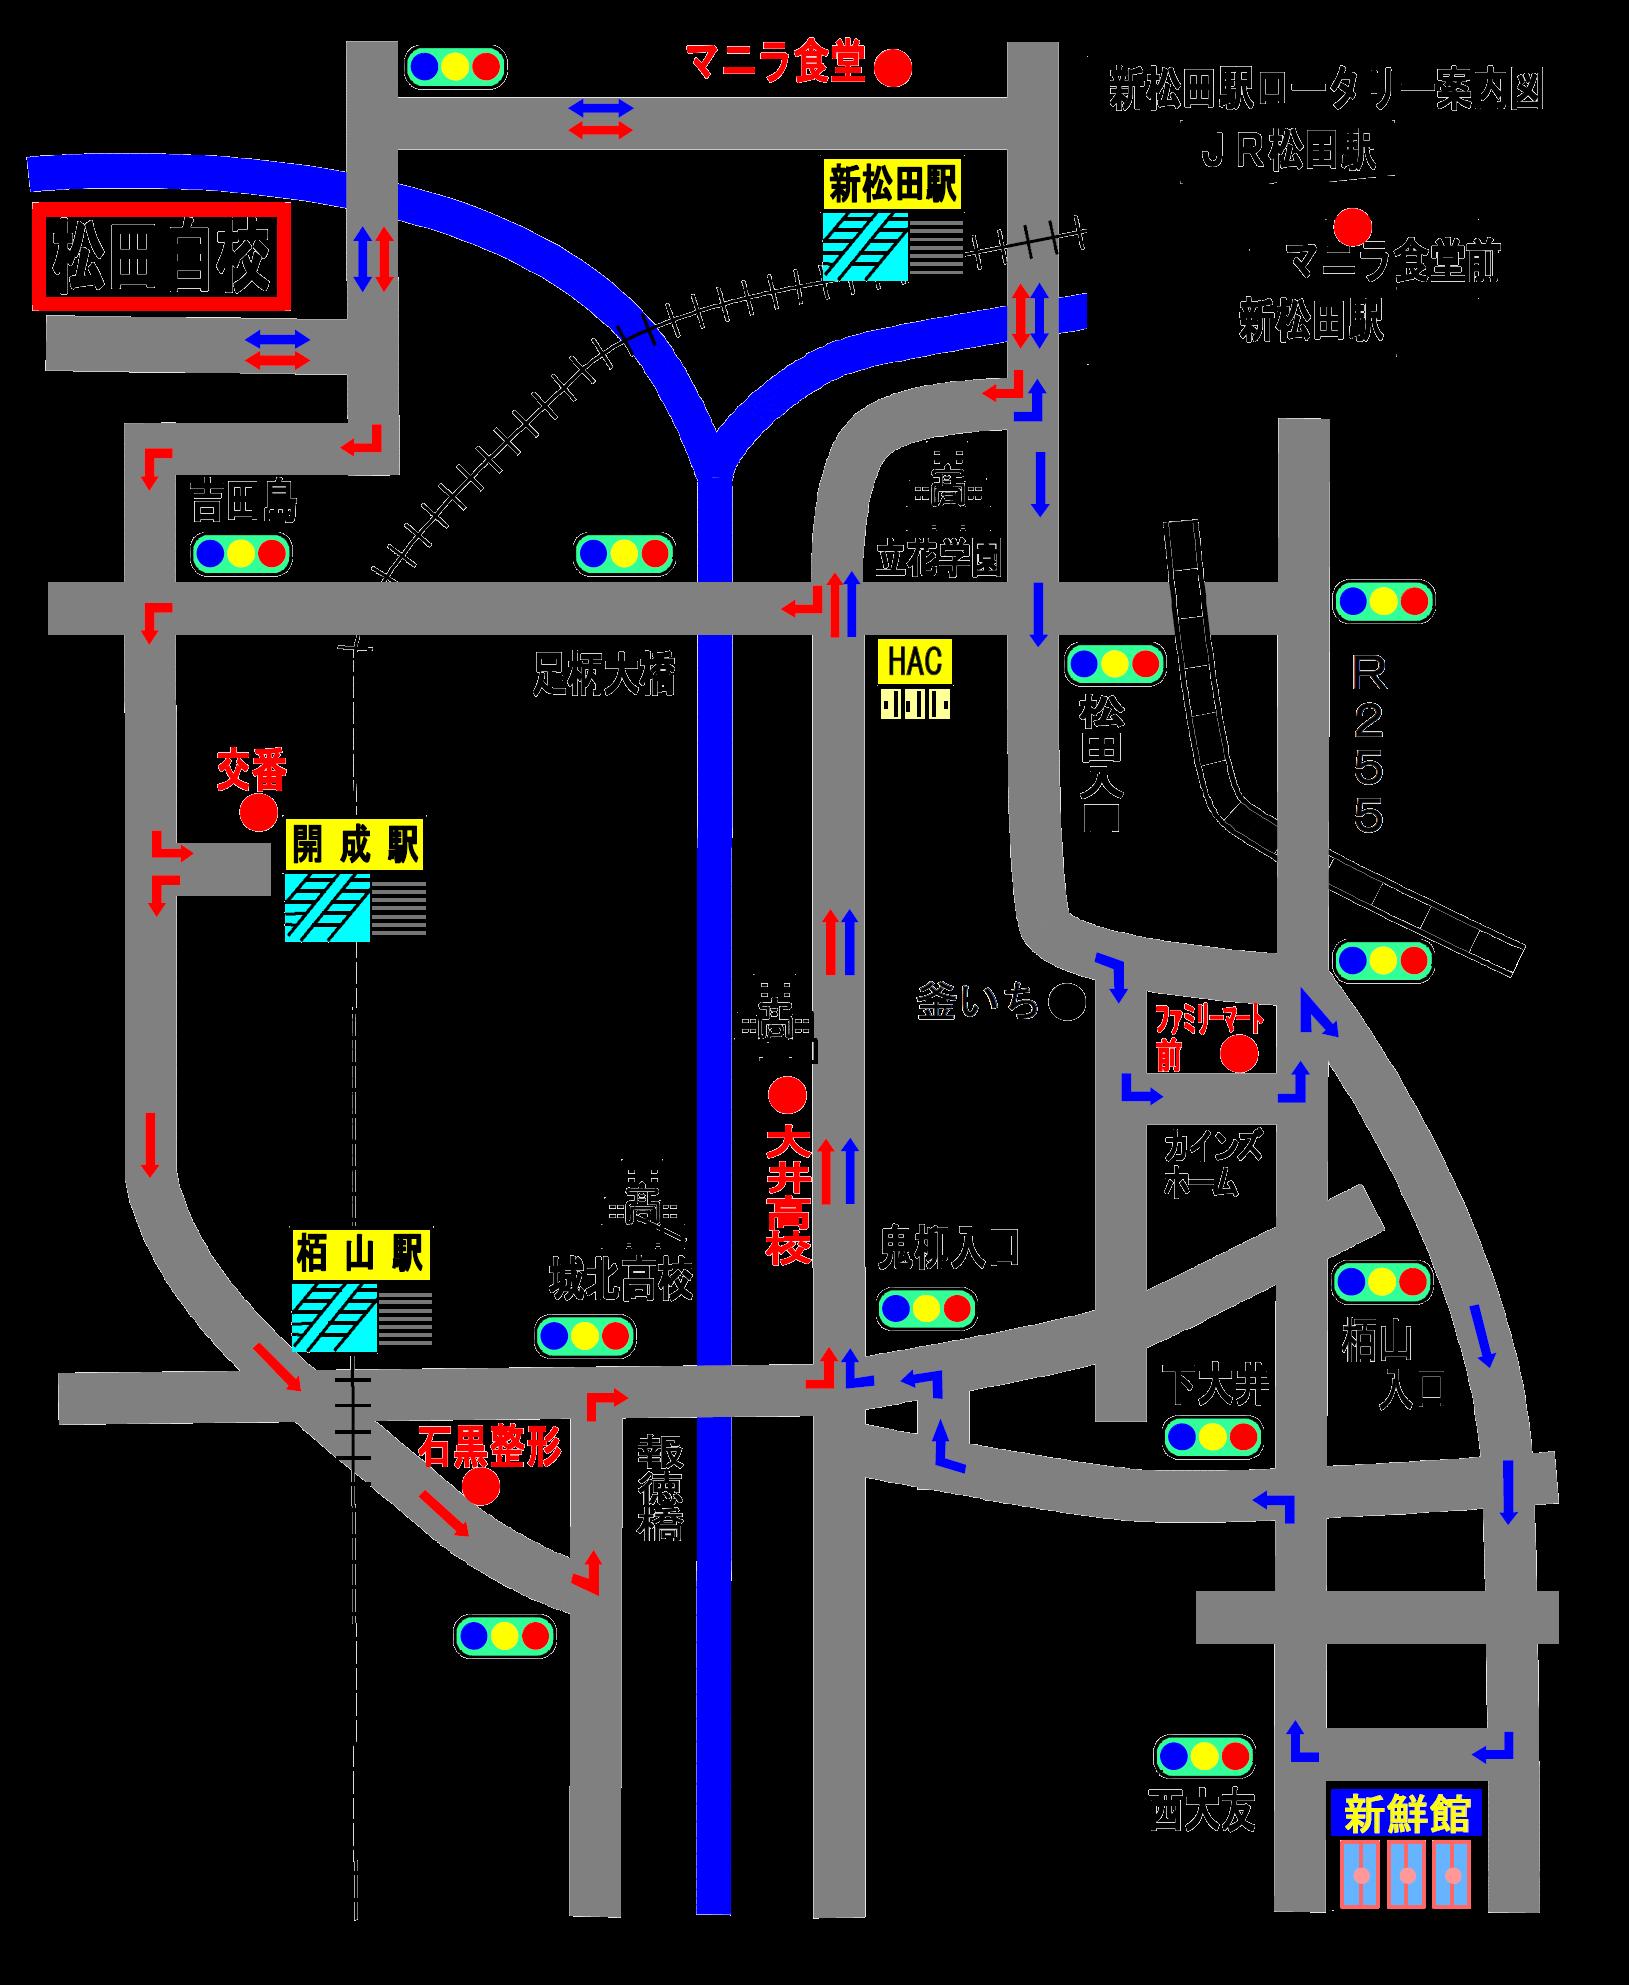 送迎バスルートH29.5月最終版 開成・栢山 透過